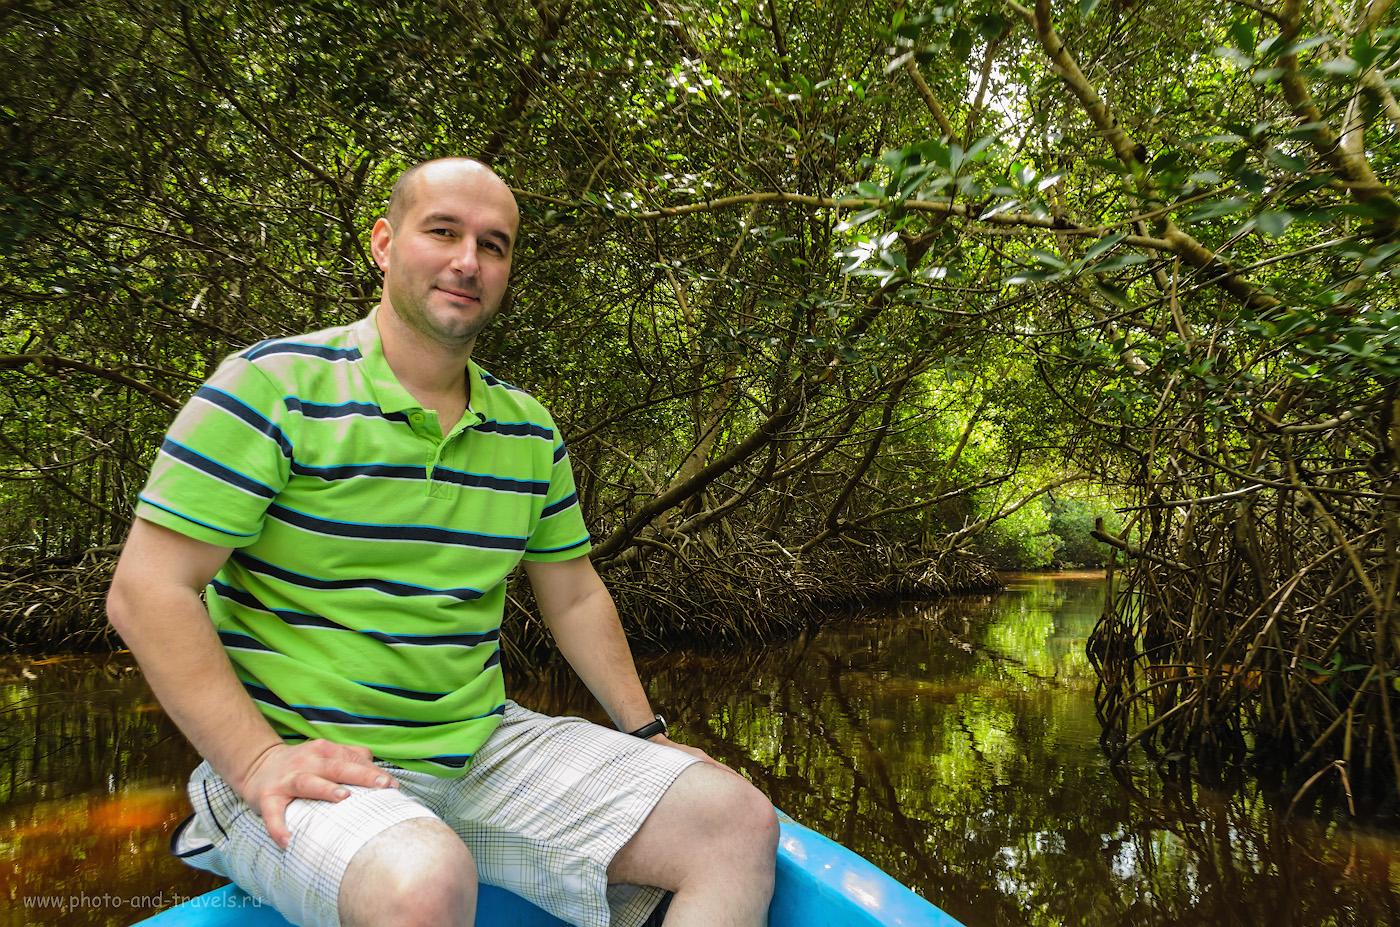 Фотография 13. В мангровом лесу в национальном парке Селестун (Celestun) в обычное время лежат на корнях кустов крокодилы... Мы, к сожалению, их не увидели. Самостоятельная экскурсия. Отзывы о поездке в Мексику в ноябре.